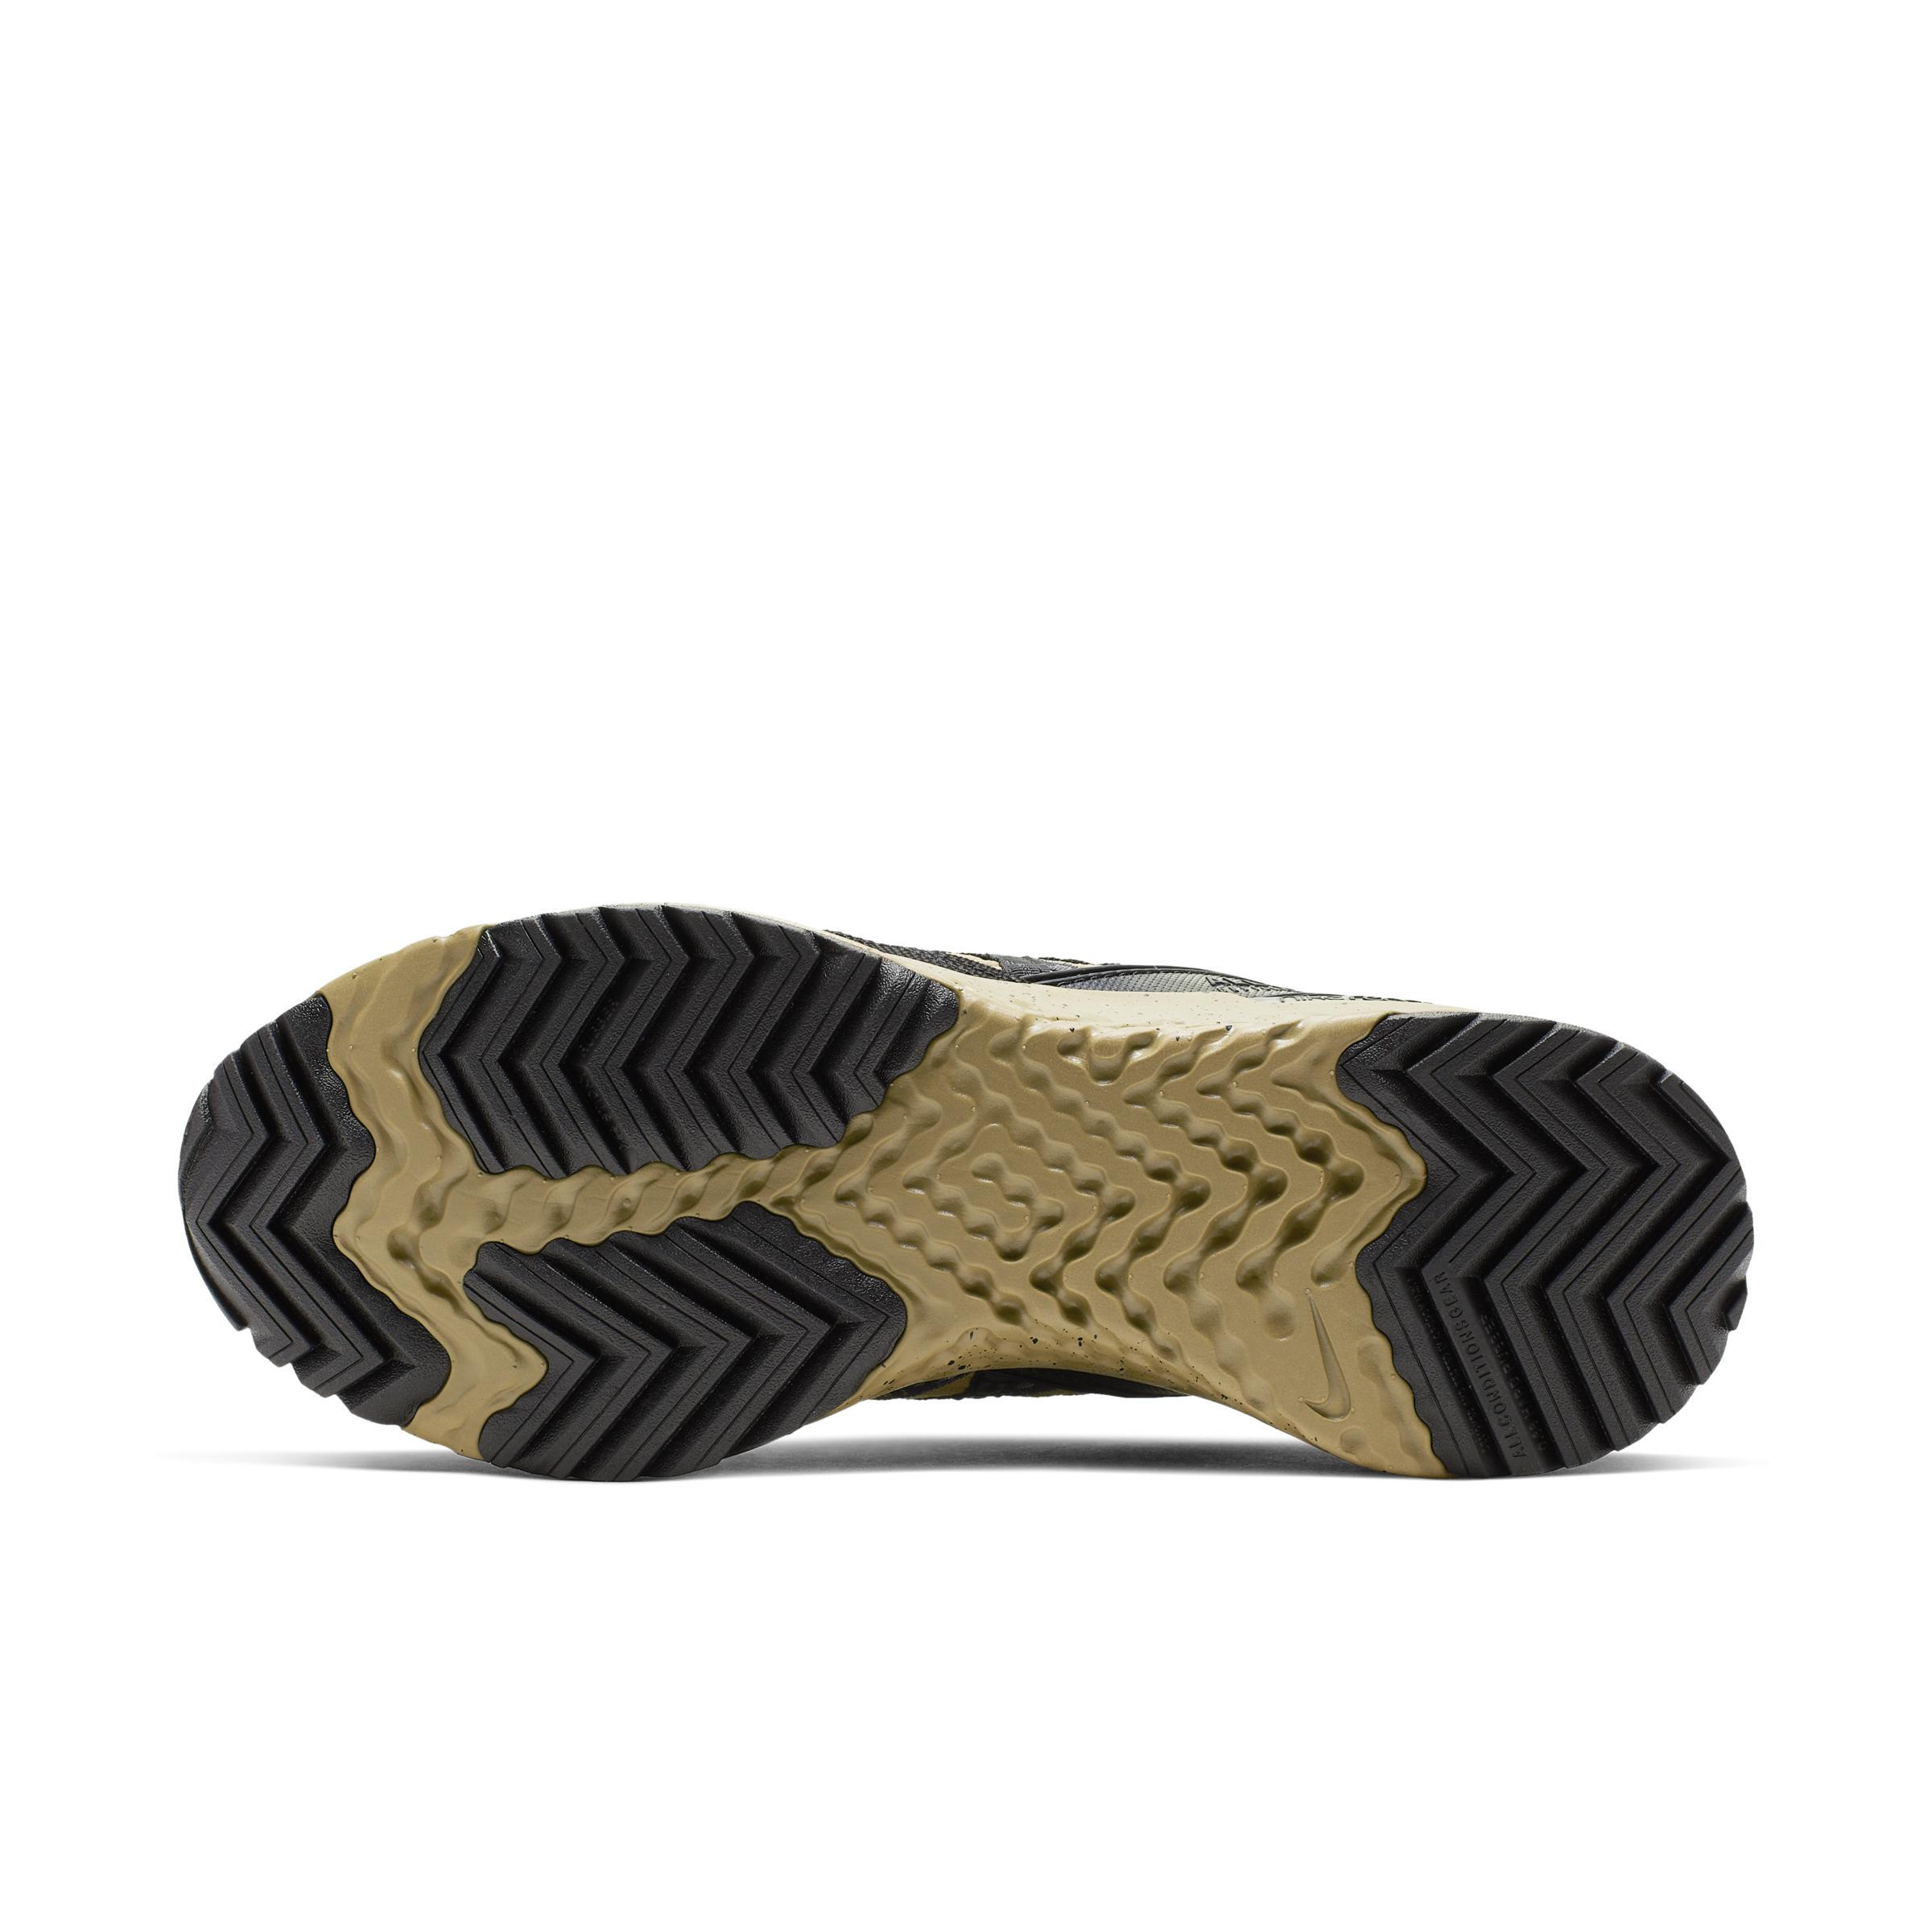 ACG React Terra Gobe Zapatillas Nike de hombre de color Marrón